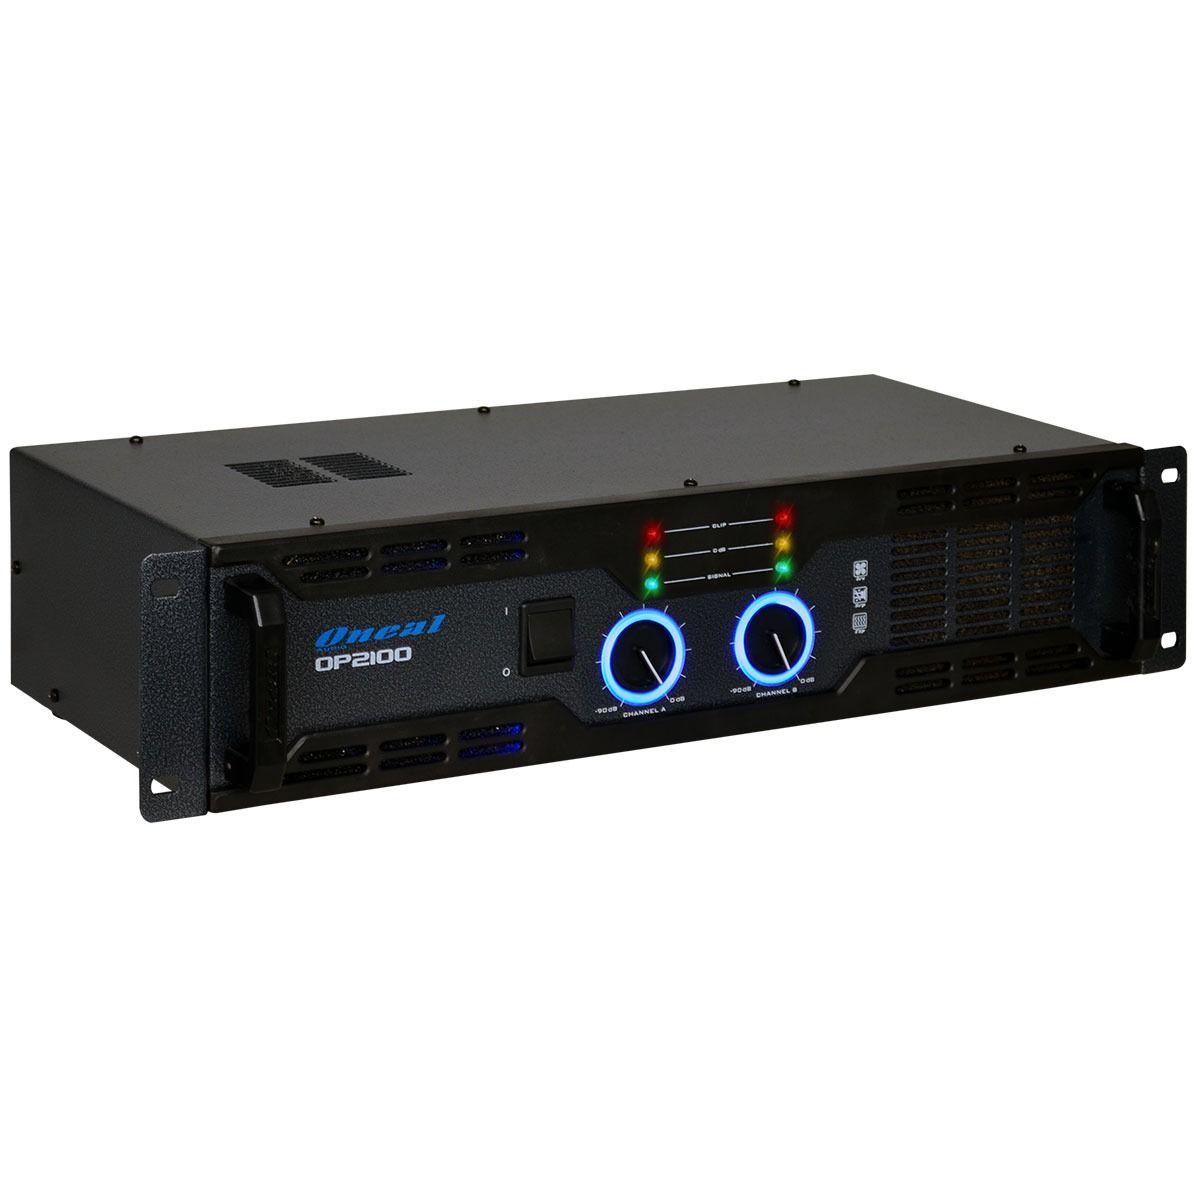 Amplificador De Potencia Oneal Op2100 290W Rms